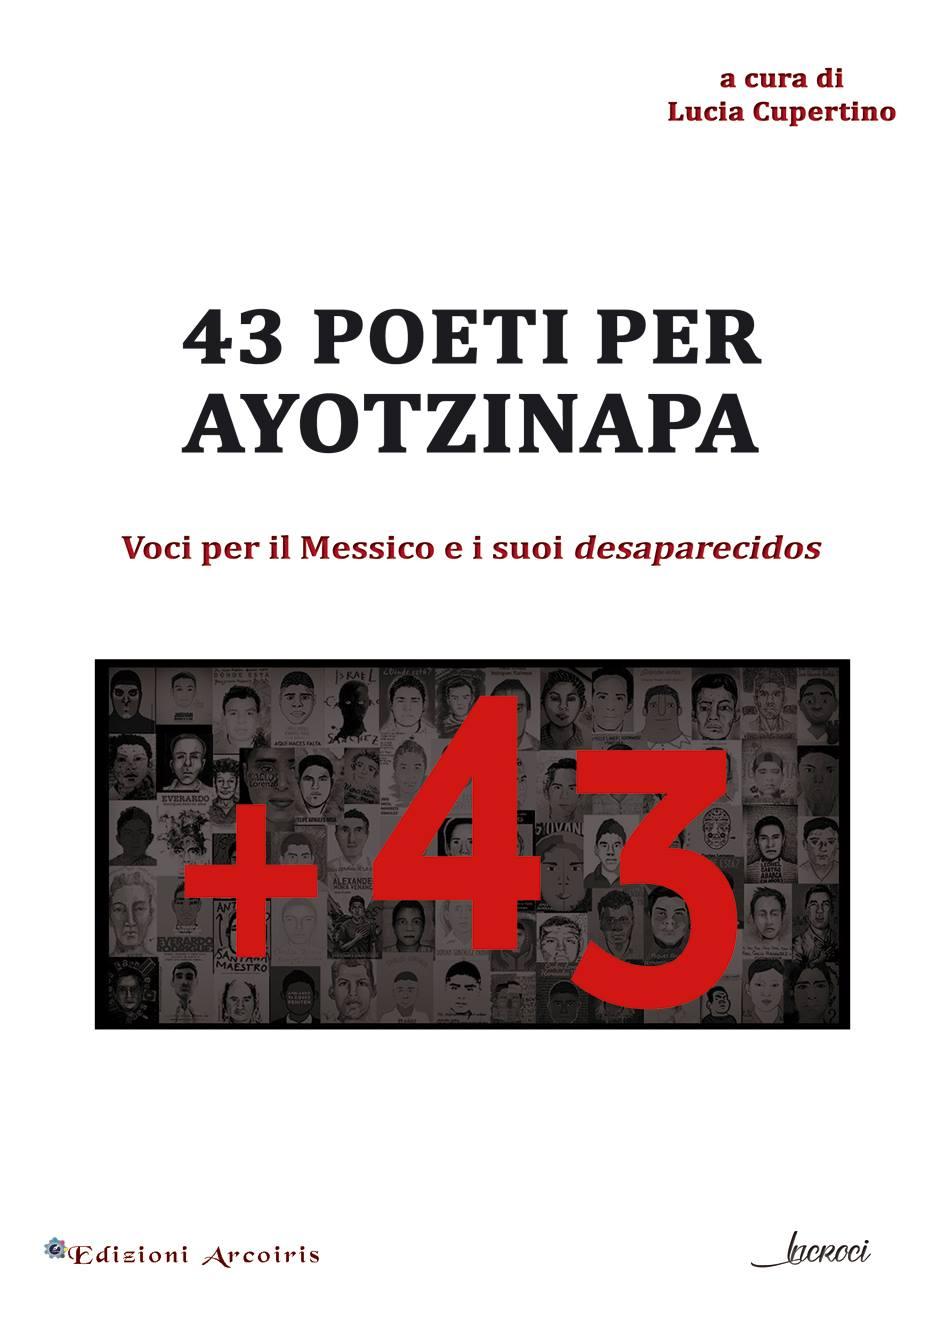 43 Poeti per Ayotzinapa-Los 43 Poetas por Ayotzinapa